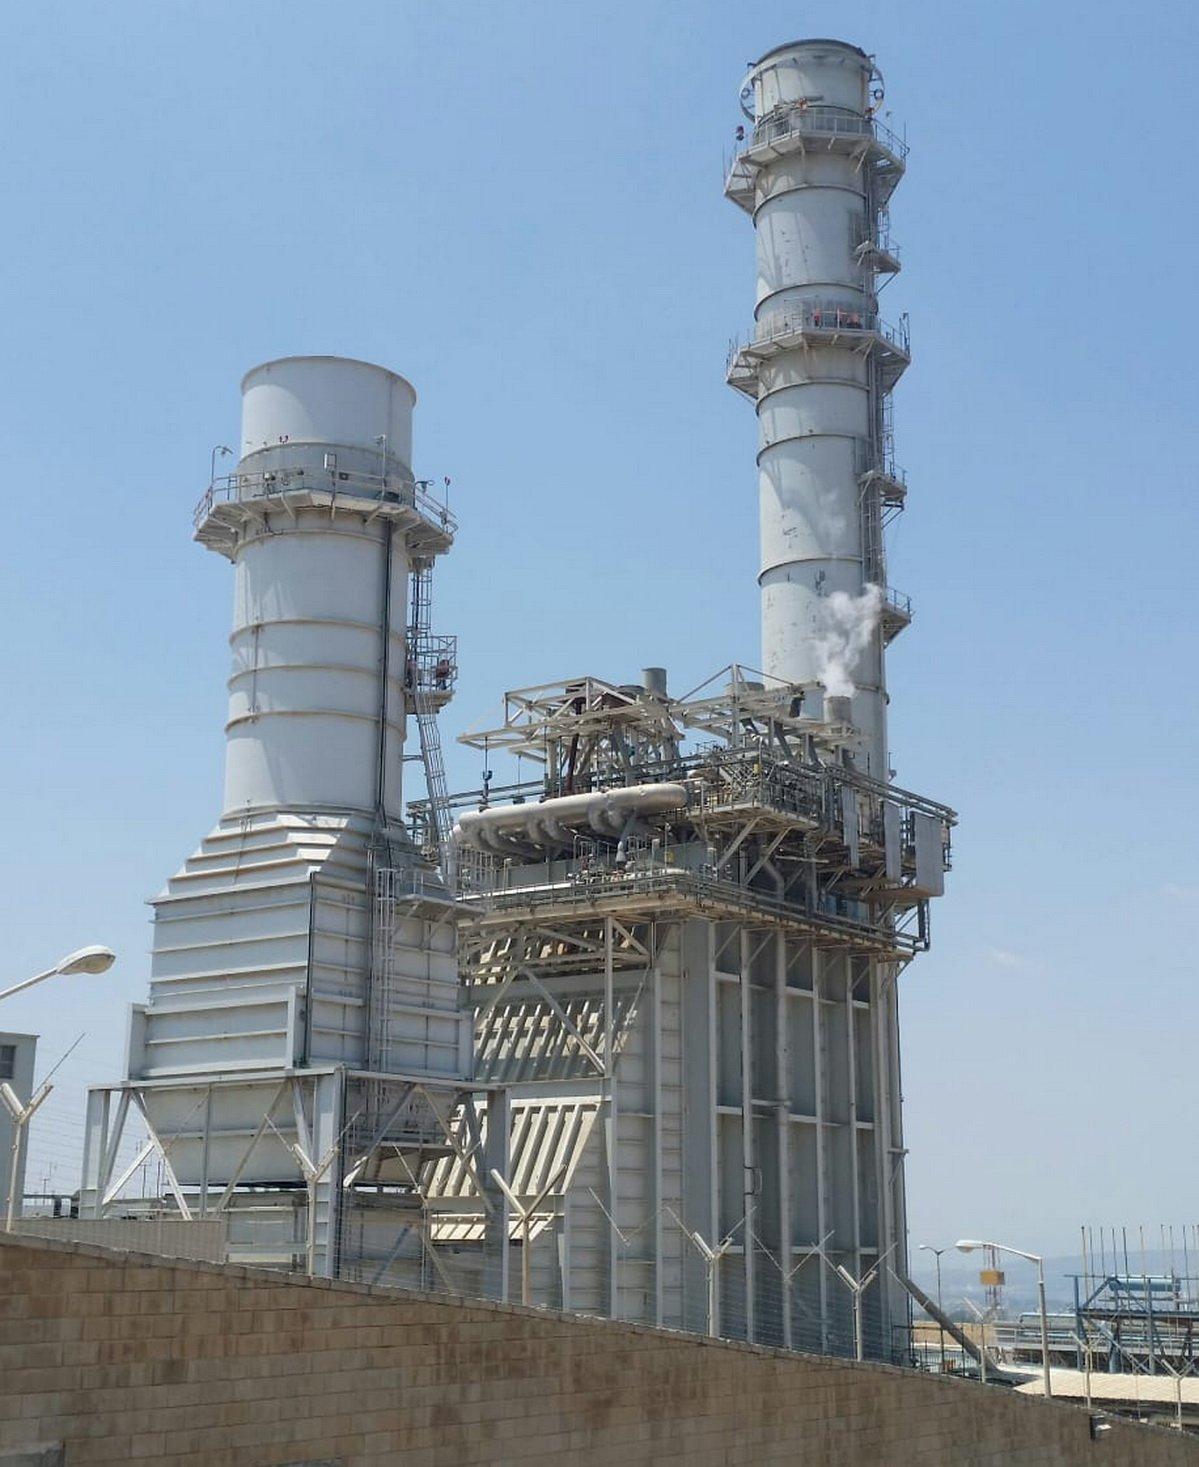 إجماع كامل في الجلبوع ضد إقامة محطة توليد طاقة بالغاز في المنطقة